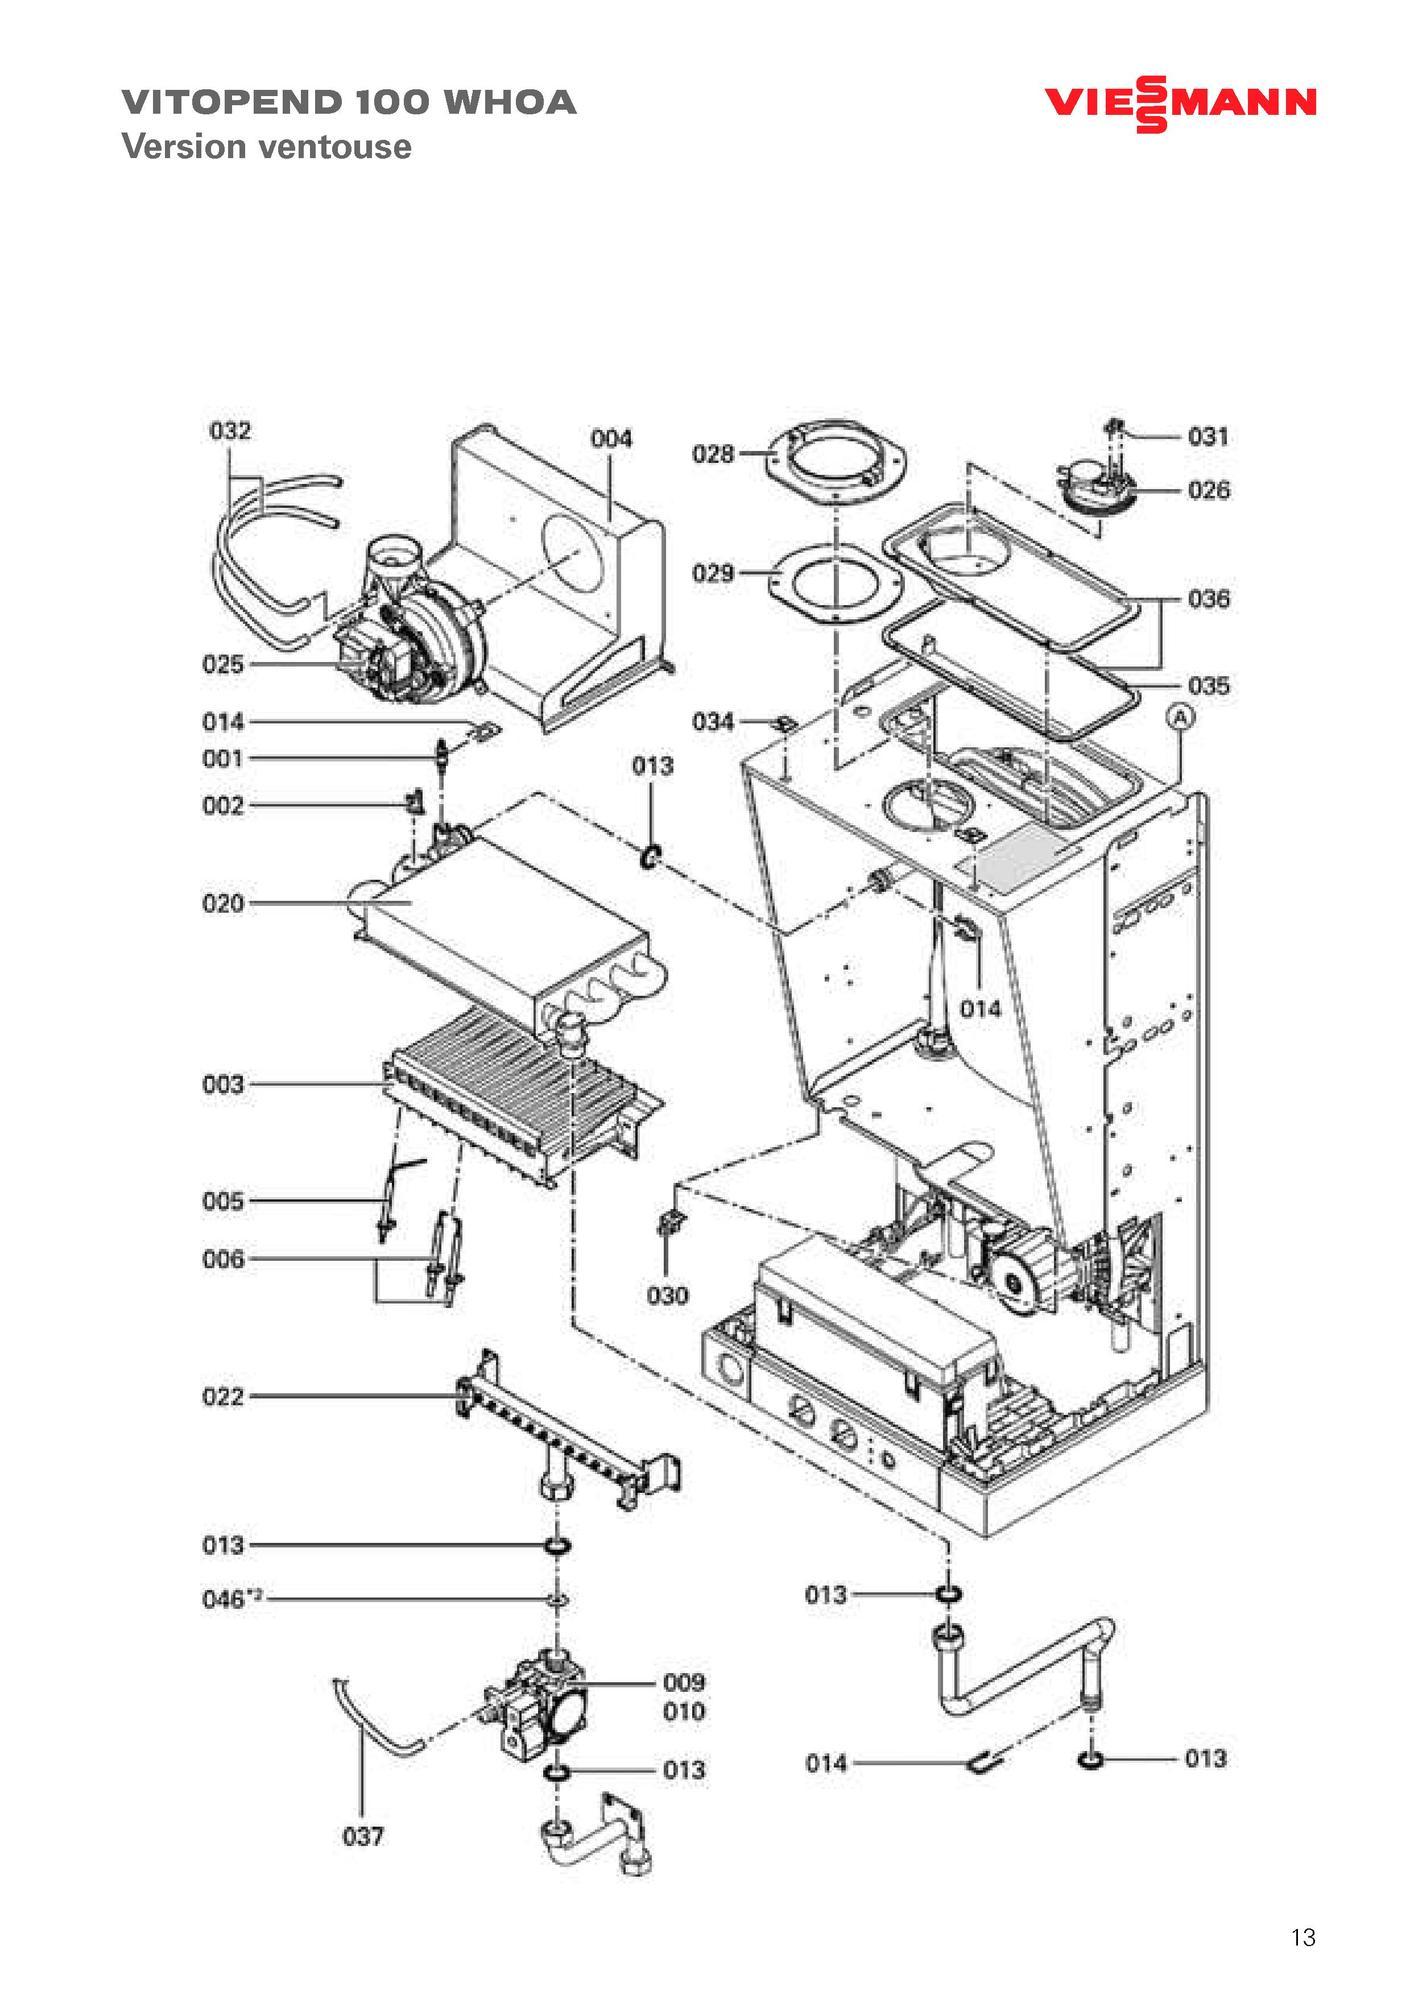 recherche directe dans la vue clat e de l 39 article viessmann electrode d allumage vitopend 100. Black Bedroom Furniture Sets. Home Design Ideas